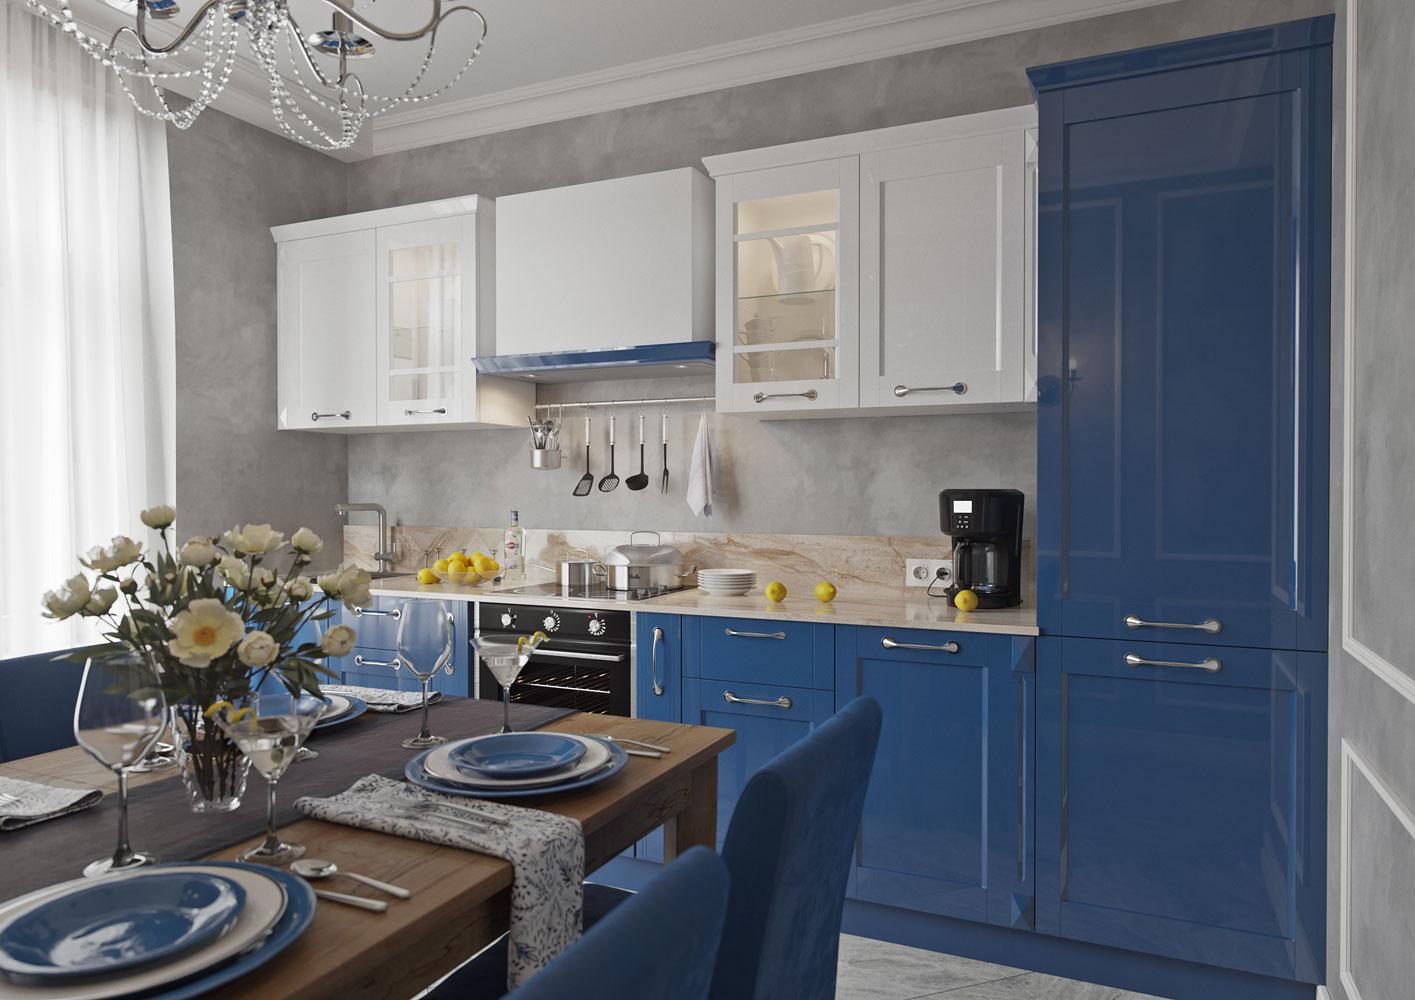 обои для дизайн кухни в синих тонах фото образ для фотосессии